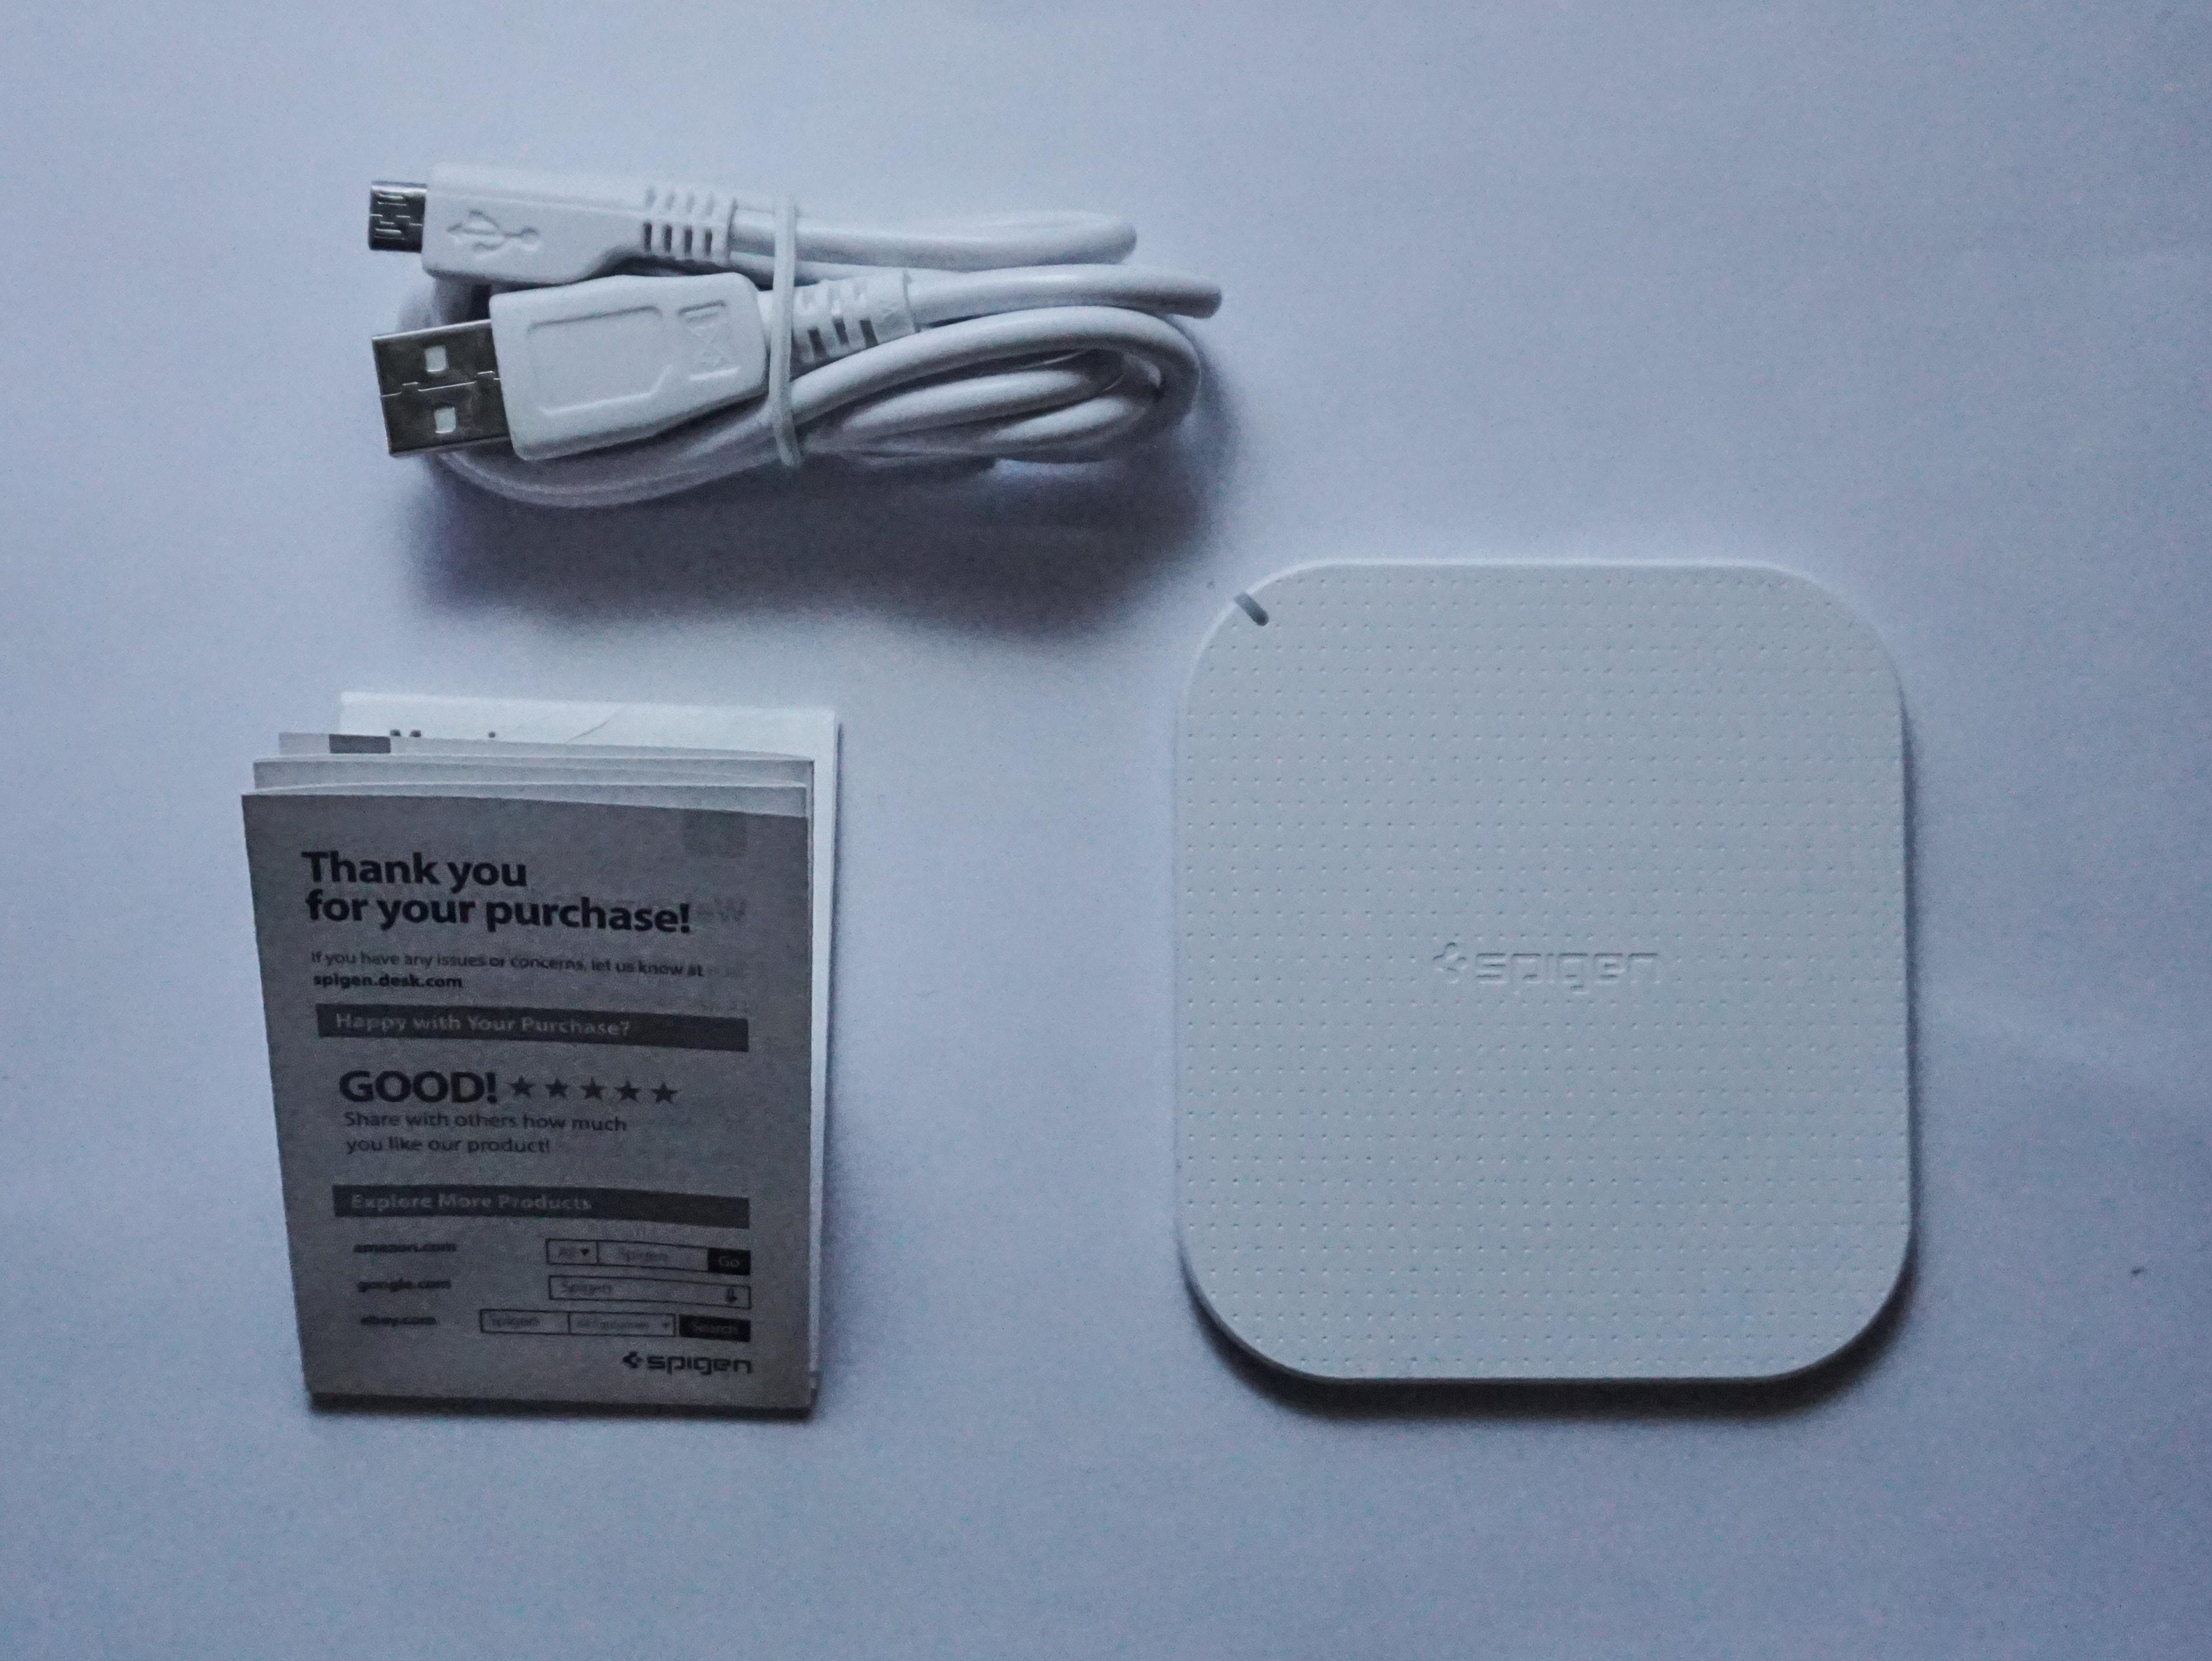 Caricatore Wireless Spigen la recensione